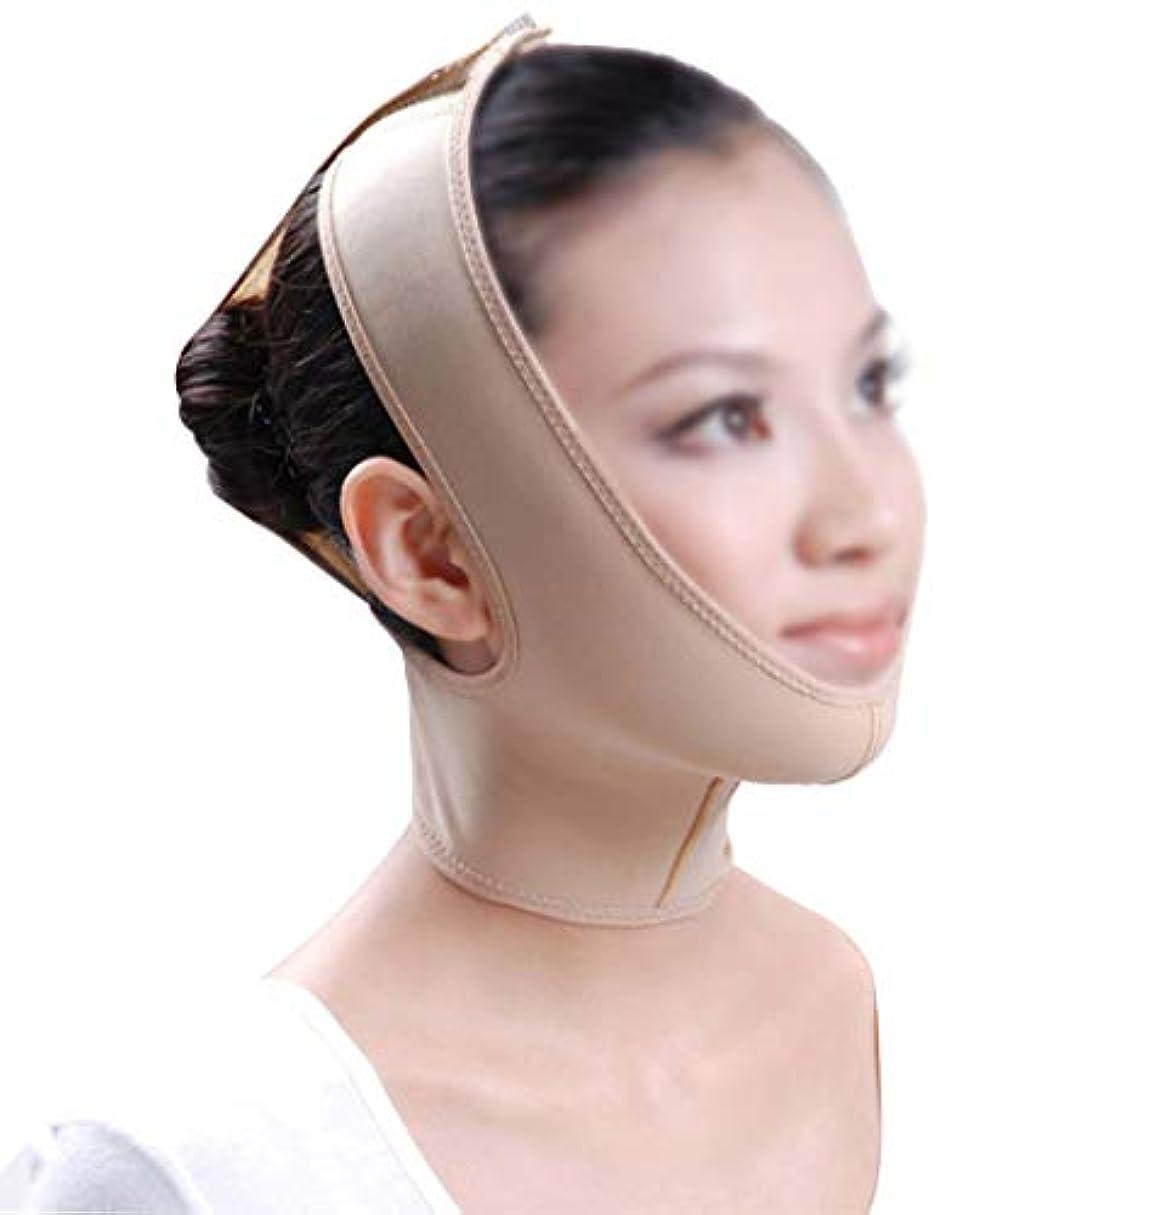 ゼロ栄光書誌GLJJQMY 引き締めマスクマスク強力なフェイスリフティングリハビリ弾性フェイスリフティング引き締め首あご整形リハビリチンスリーブ 顔用整形マスク (Size : XL)